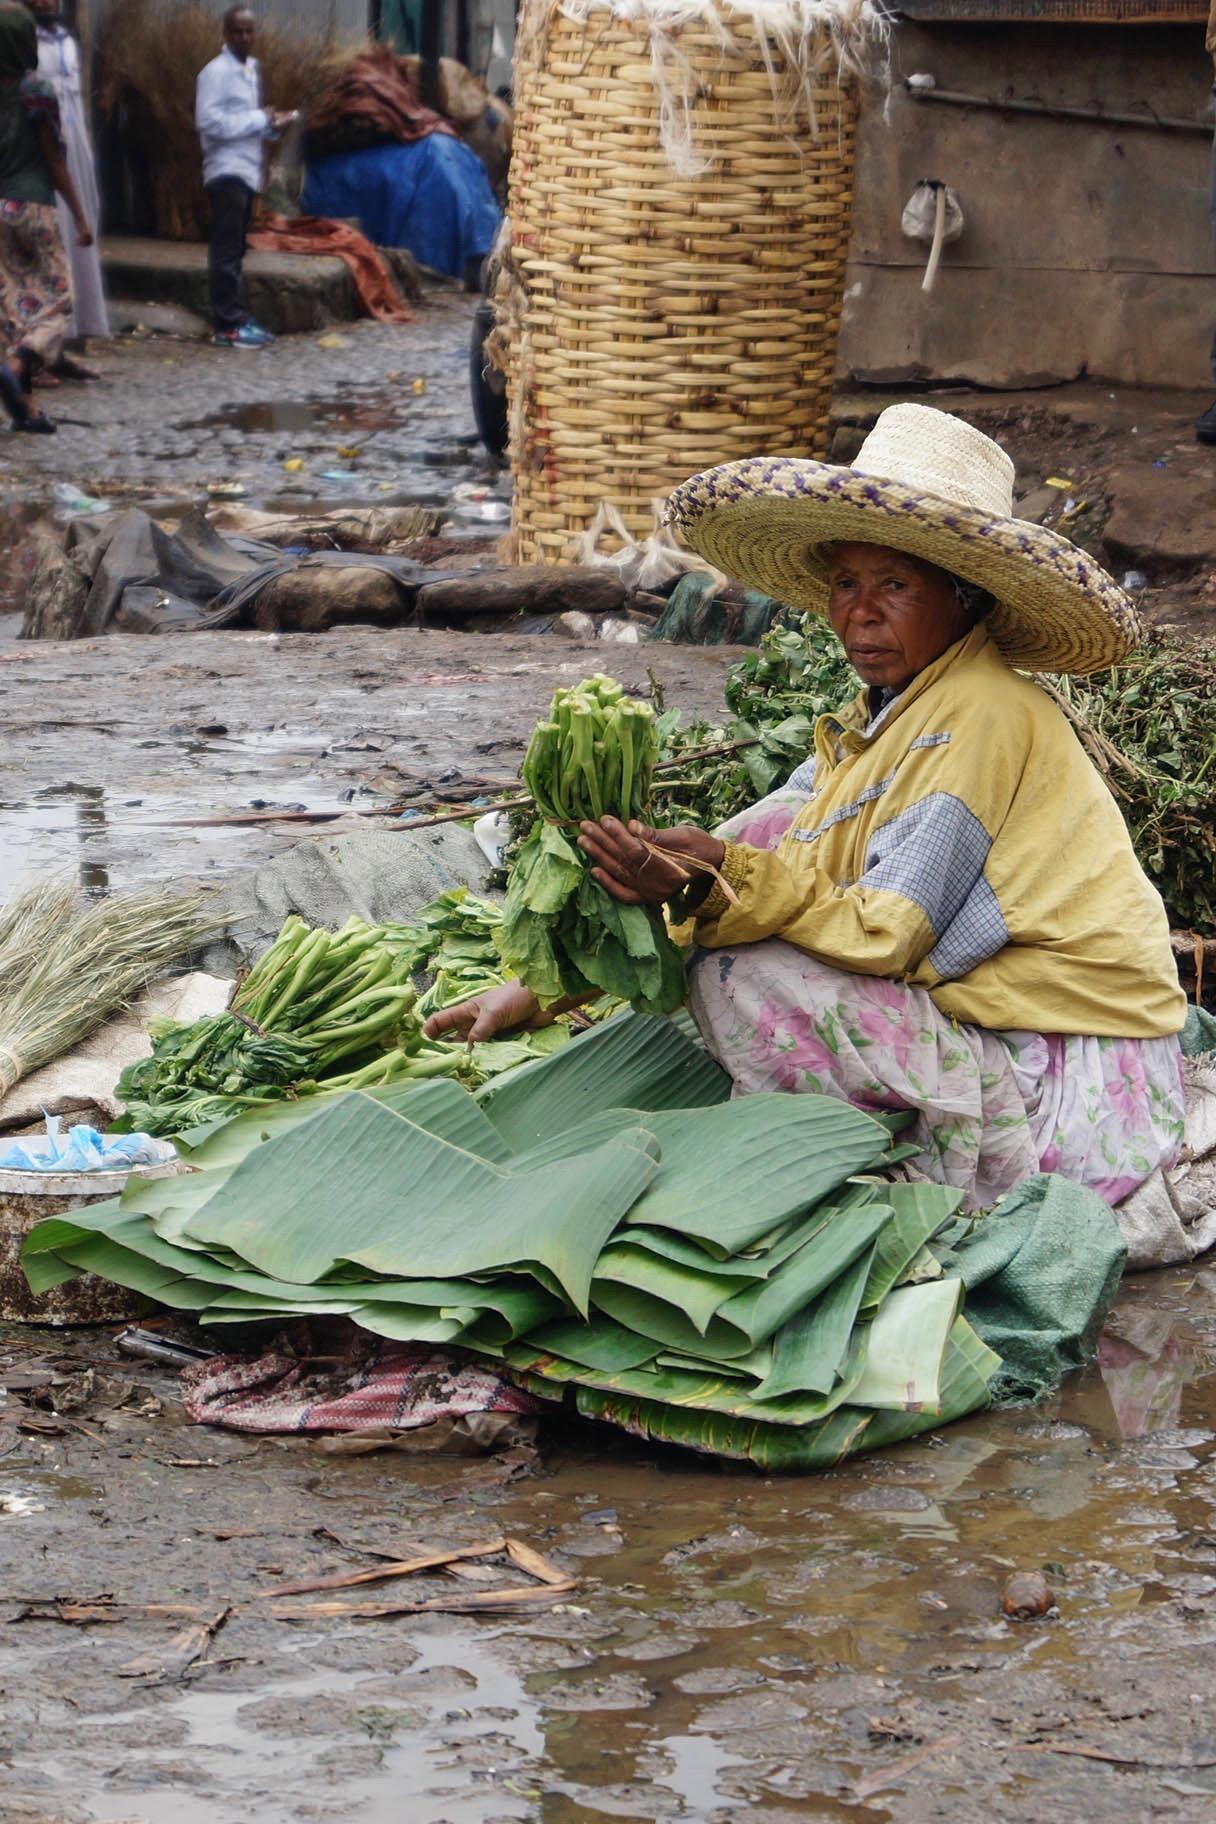 Äthiopien Norden: Die Dame hier verkauft Gemüse auf dem großen Mercato in Addis Abeba.